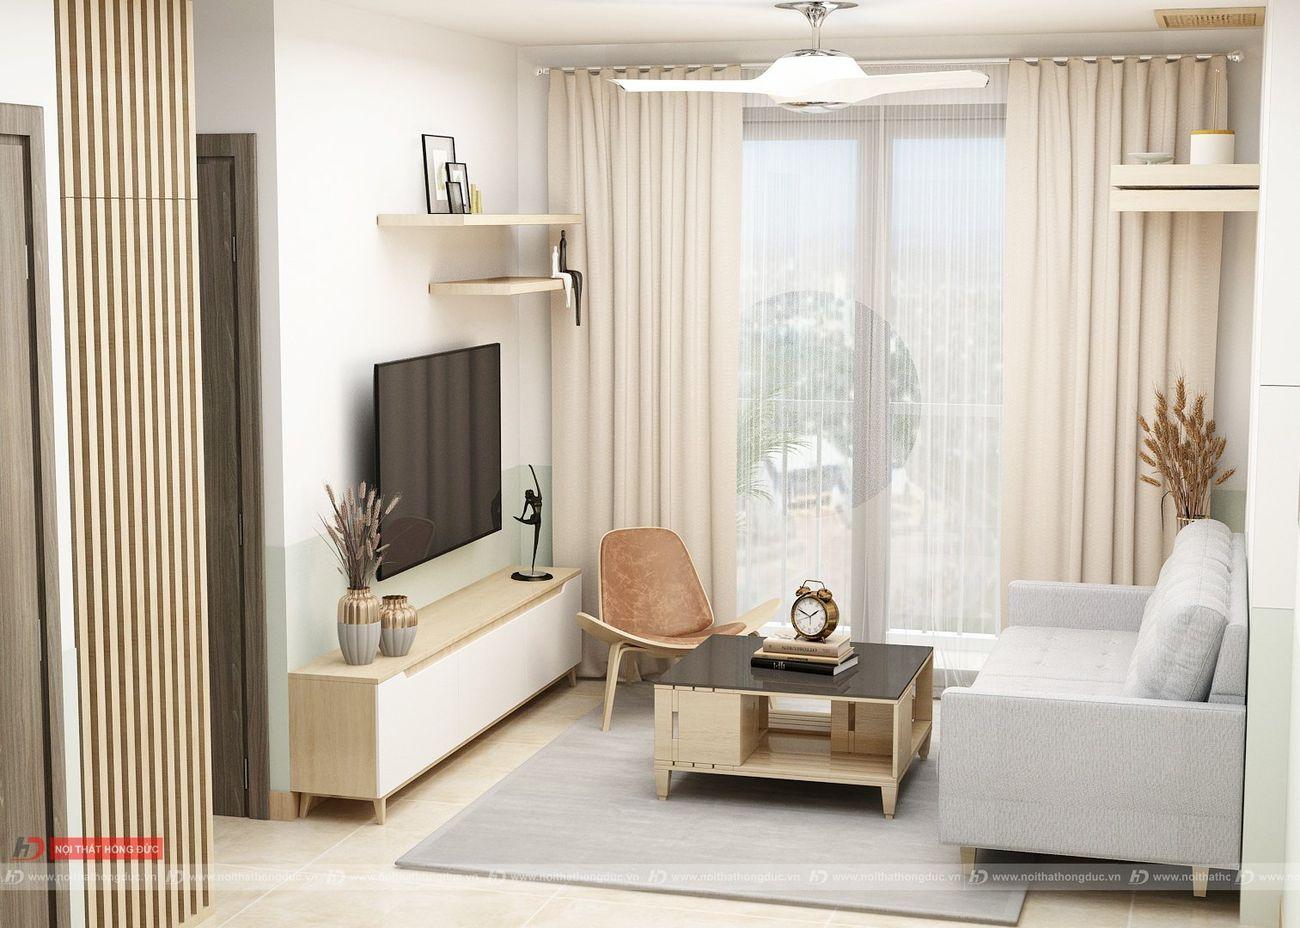 thiết kế thi công nội thất chung cư xuân mai